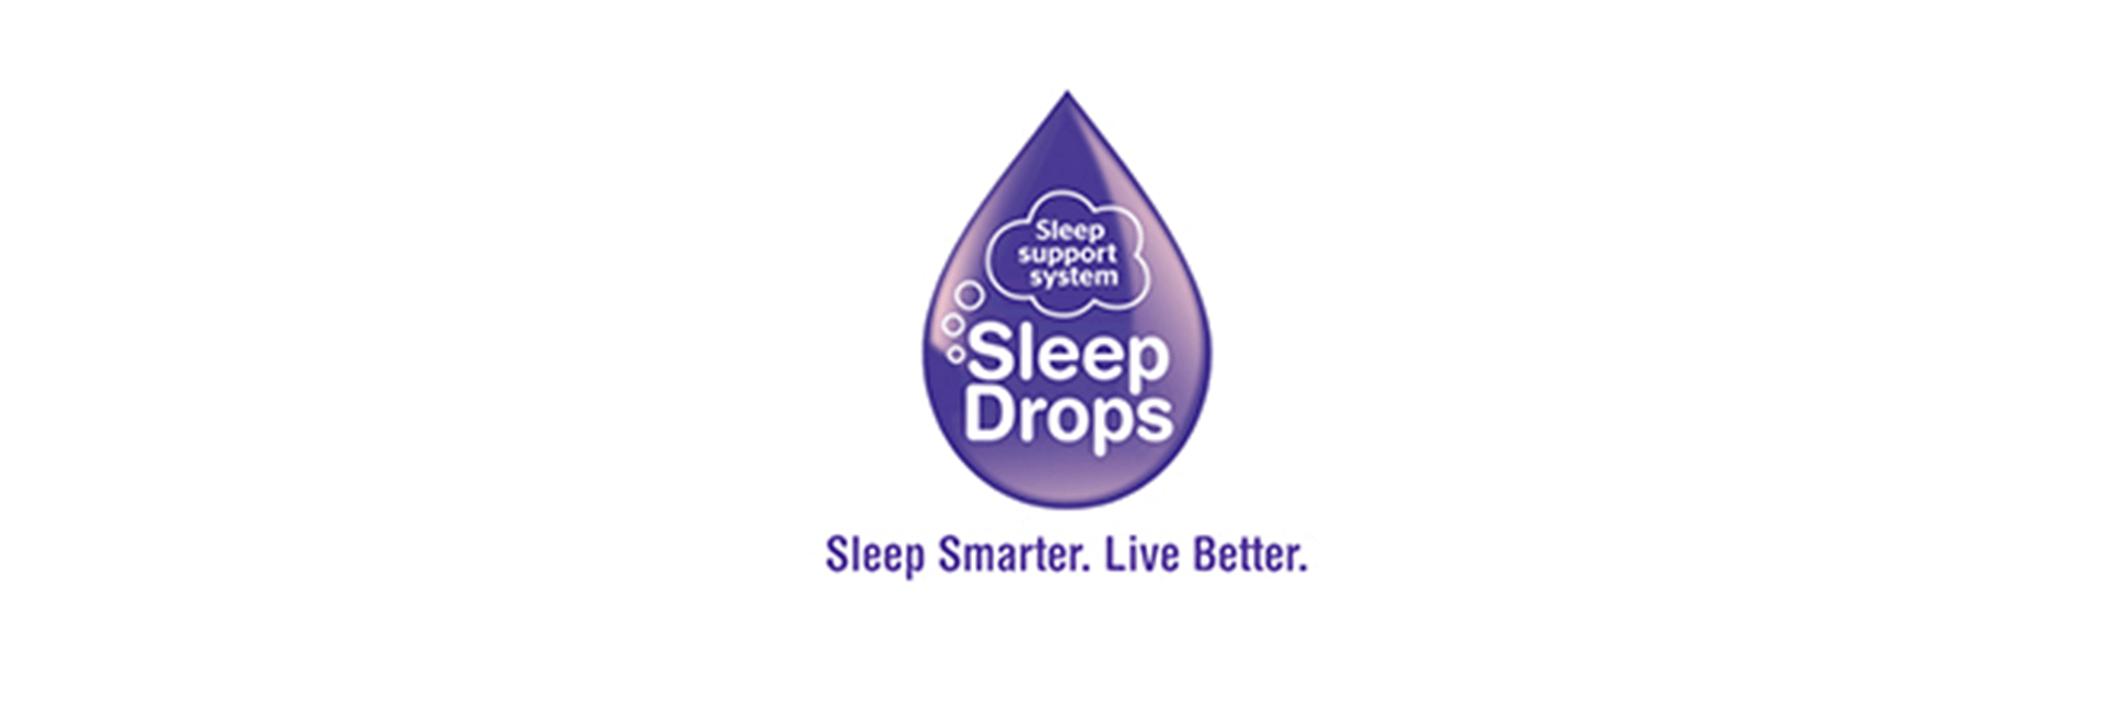 sleepdrop logo